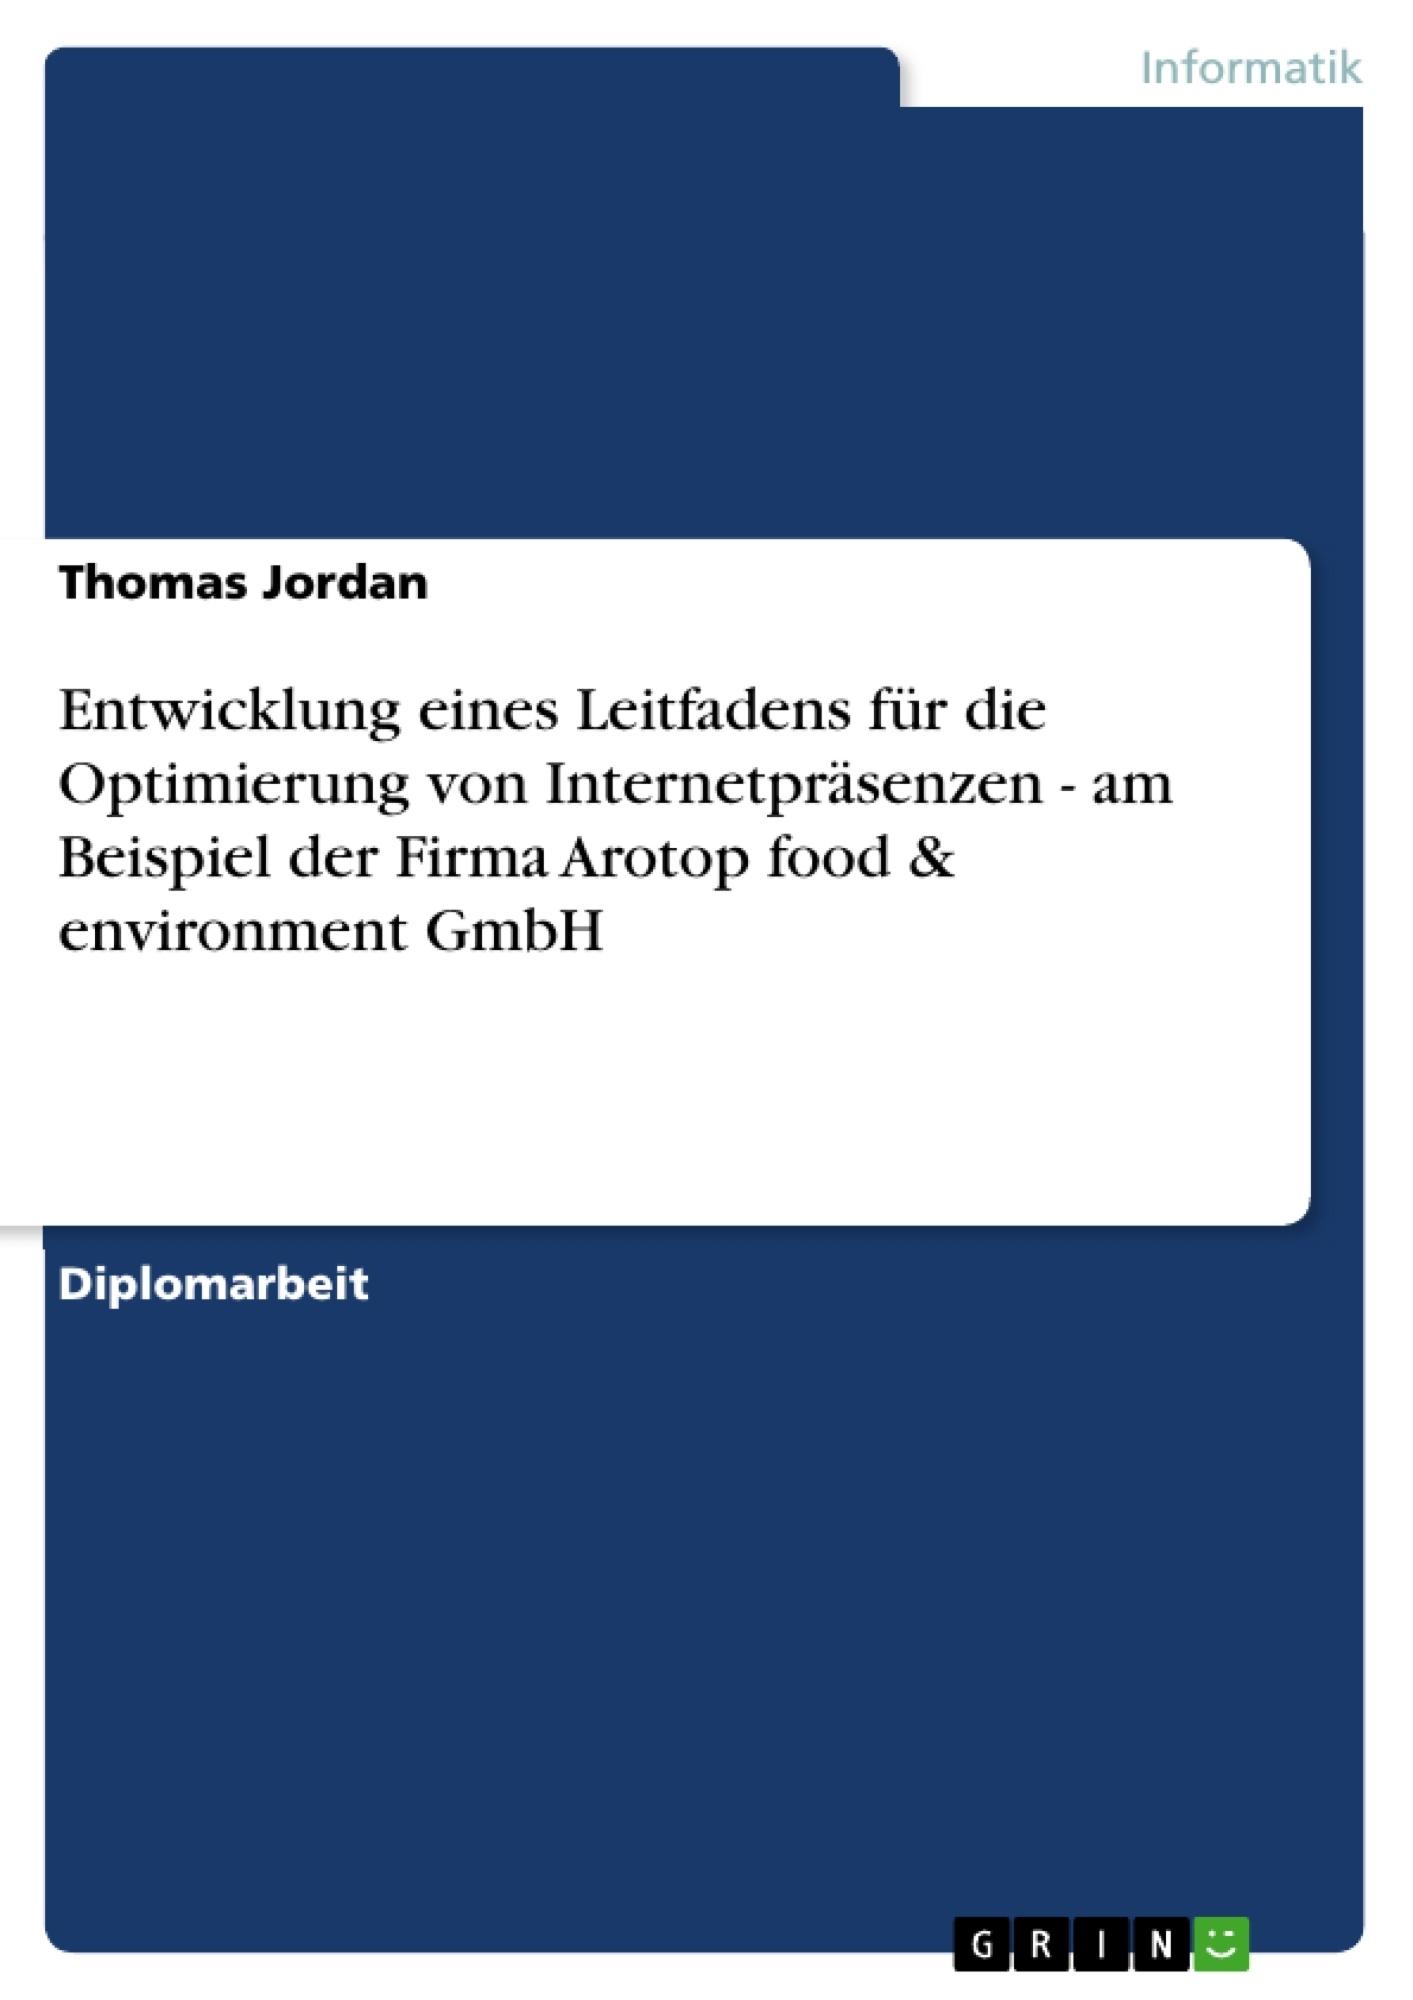 Titel: Entwicklung eines Leitfadens für die Optimierung von Internetpräsenzen - am Beispiel der Firma Arotop food & environment GmbH